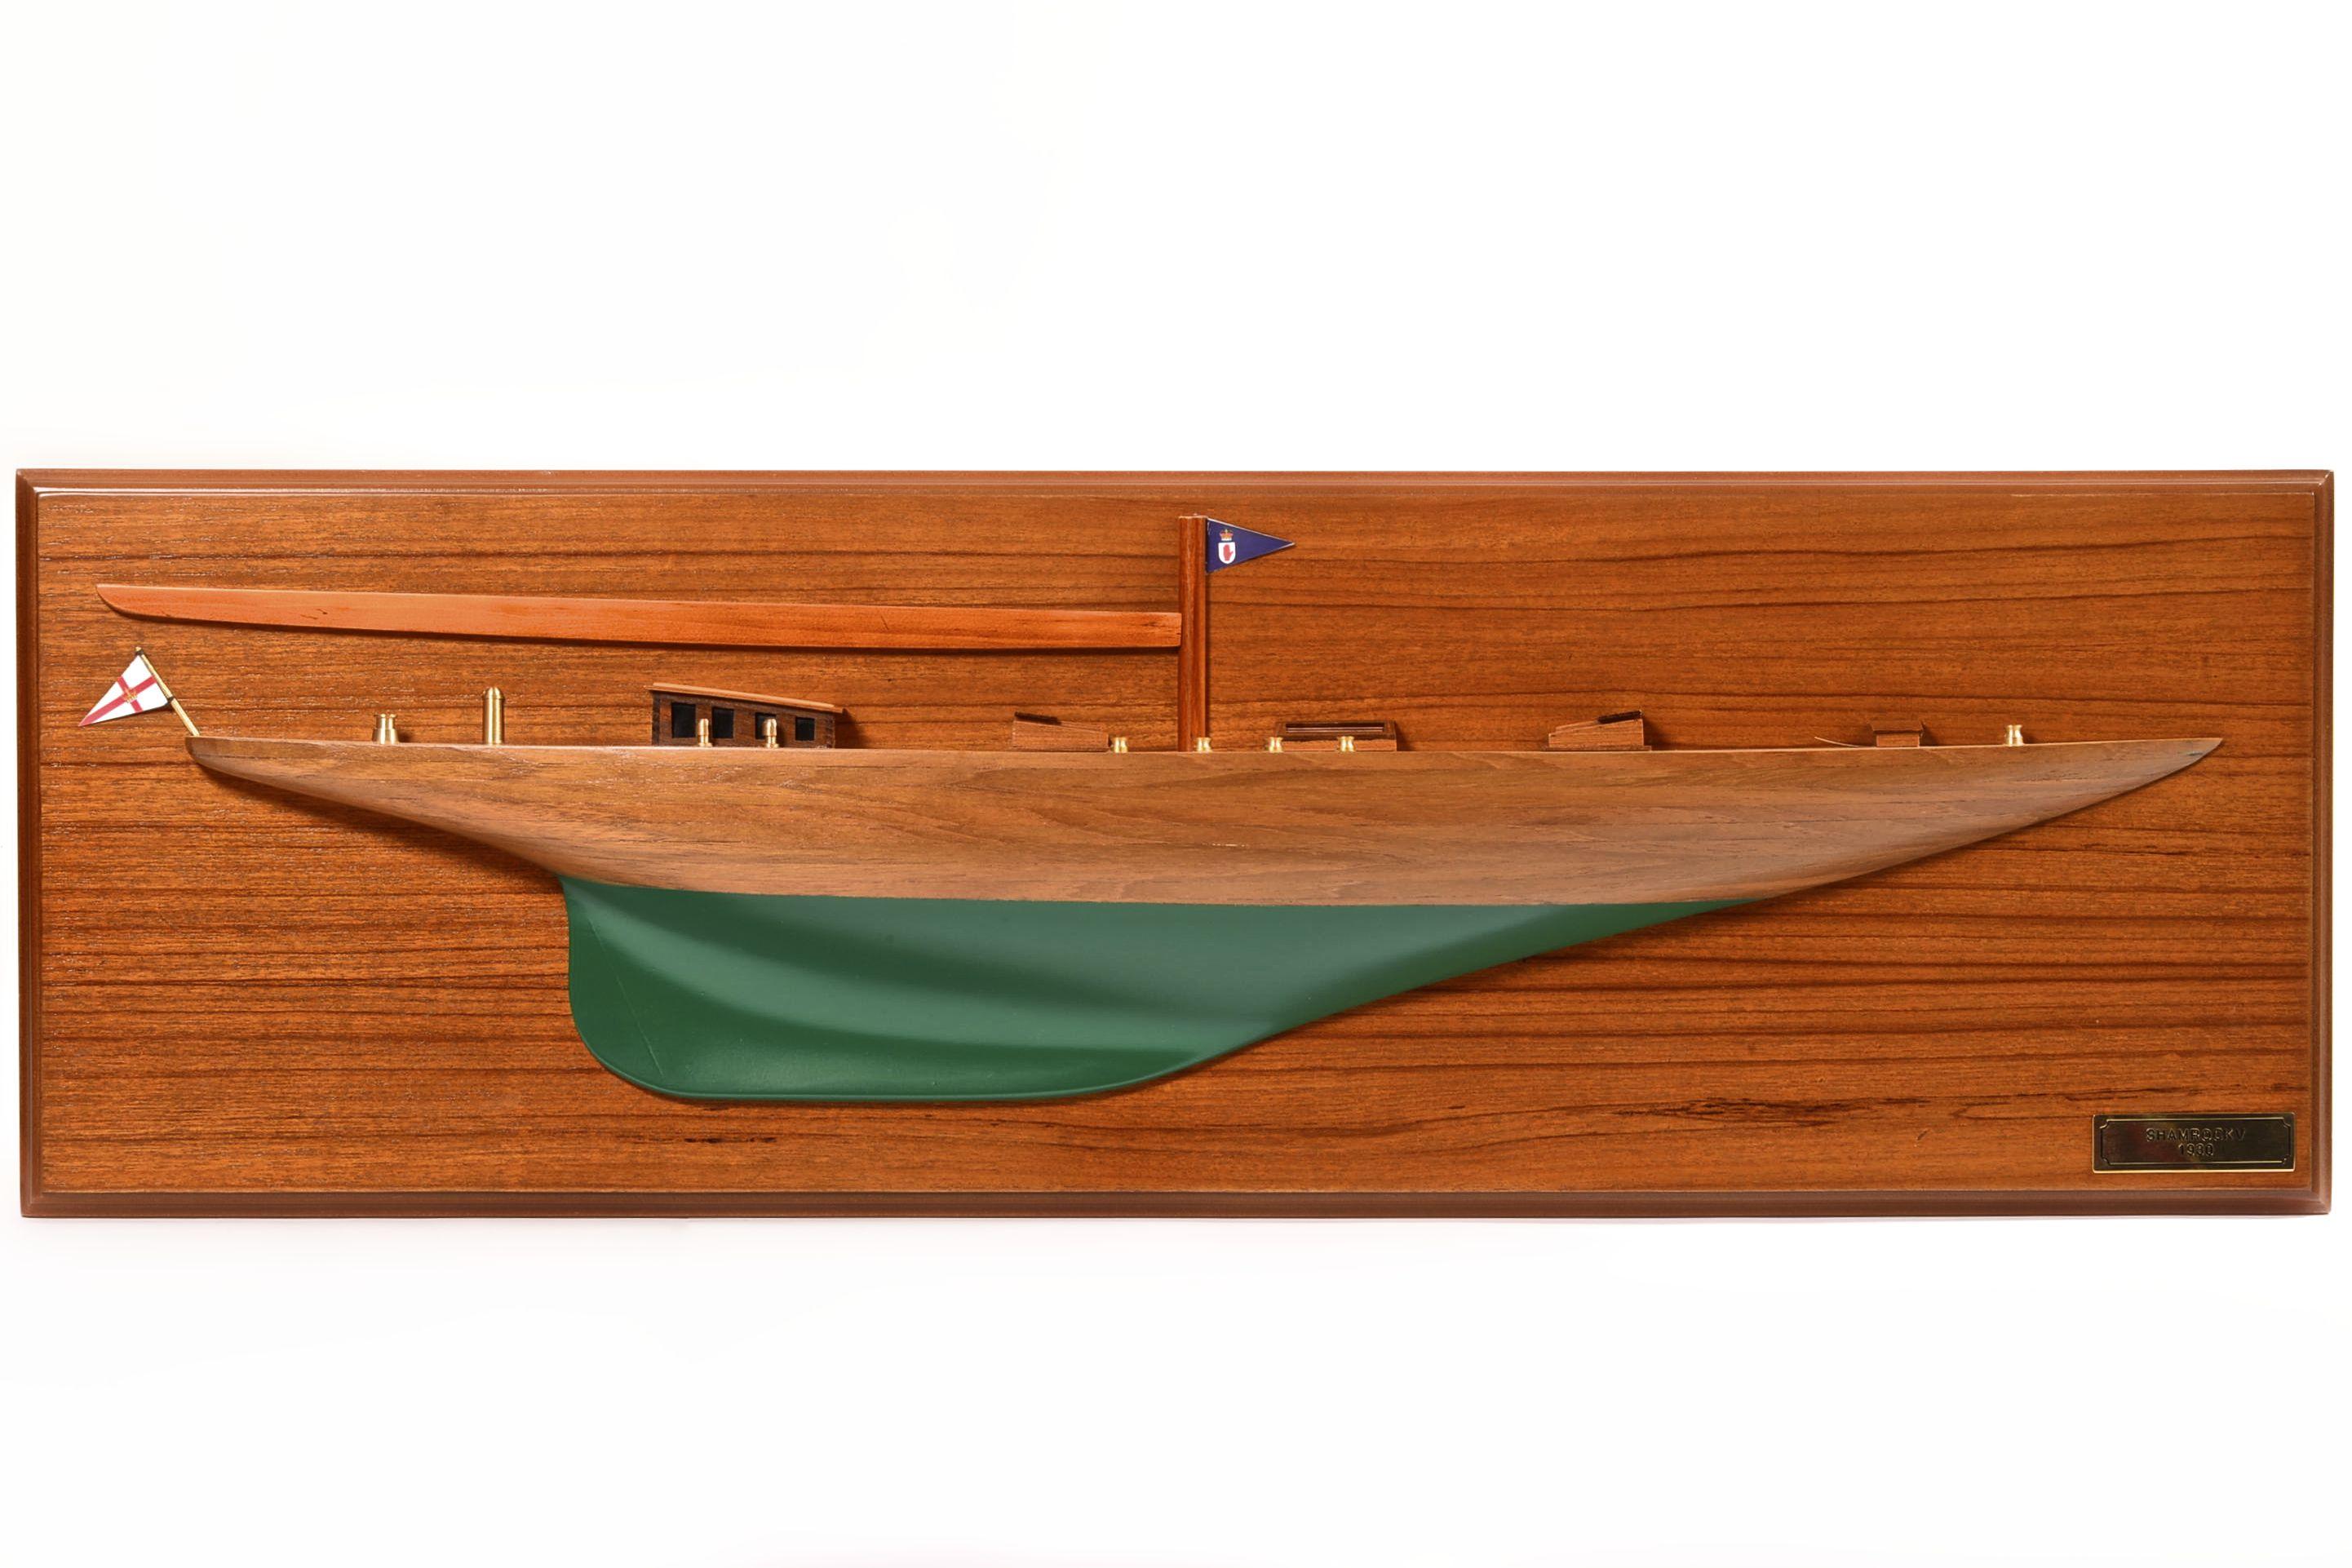 1830-10860-Half-Models